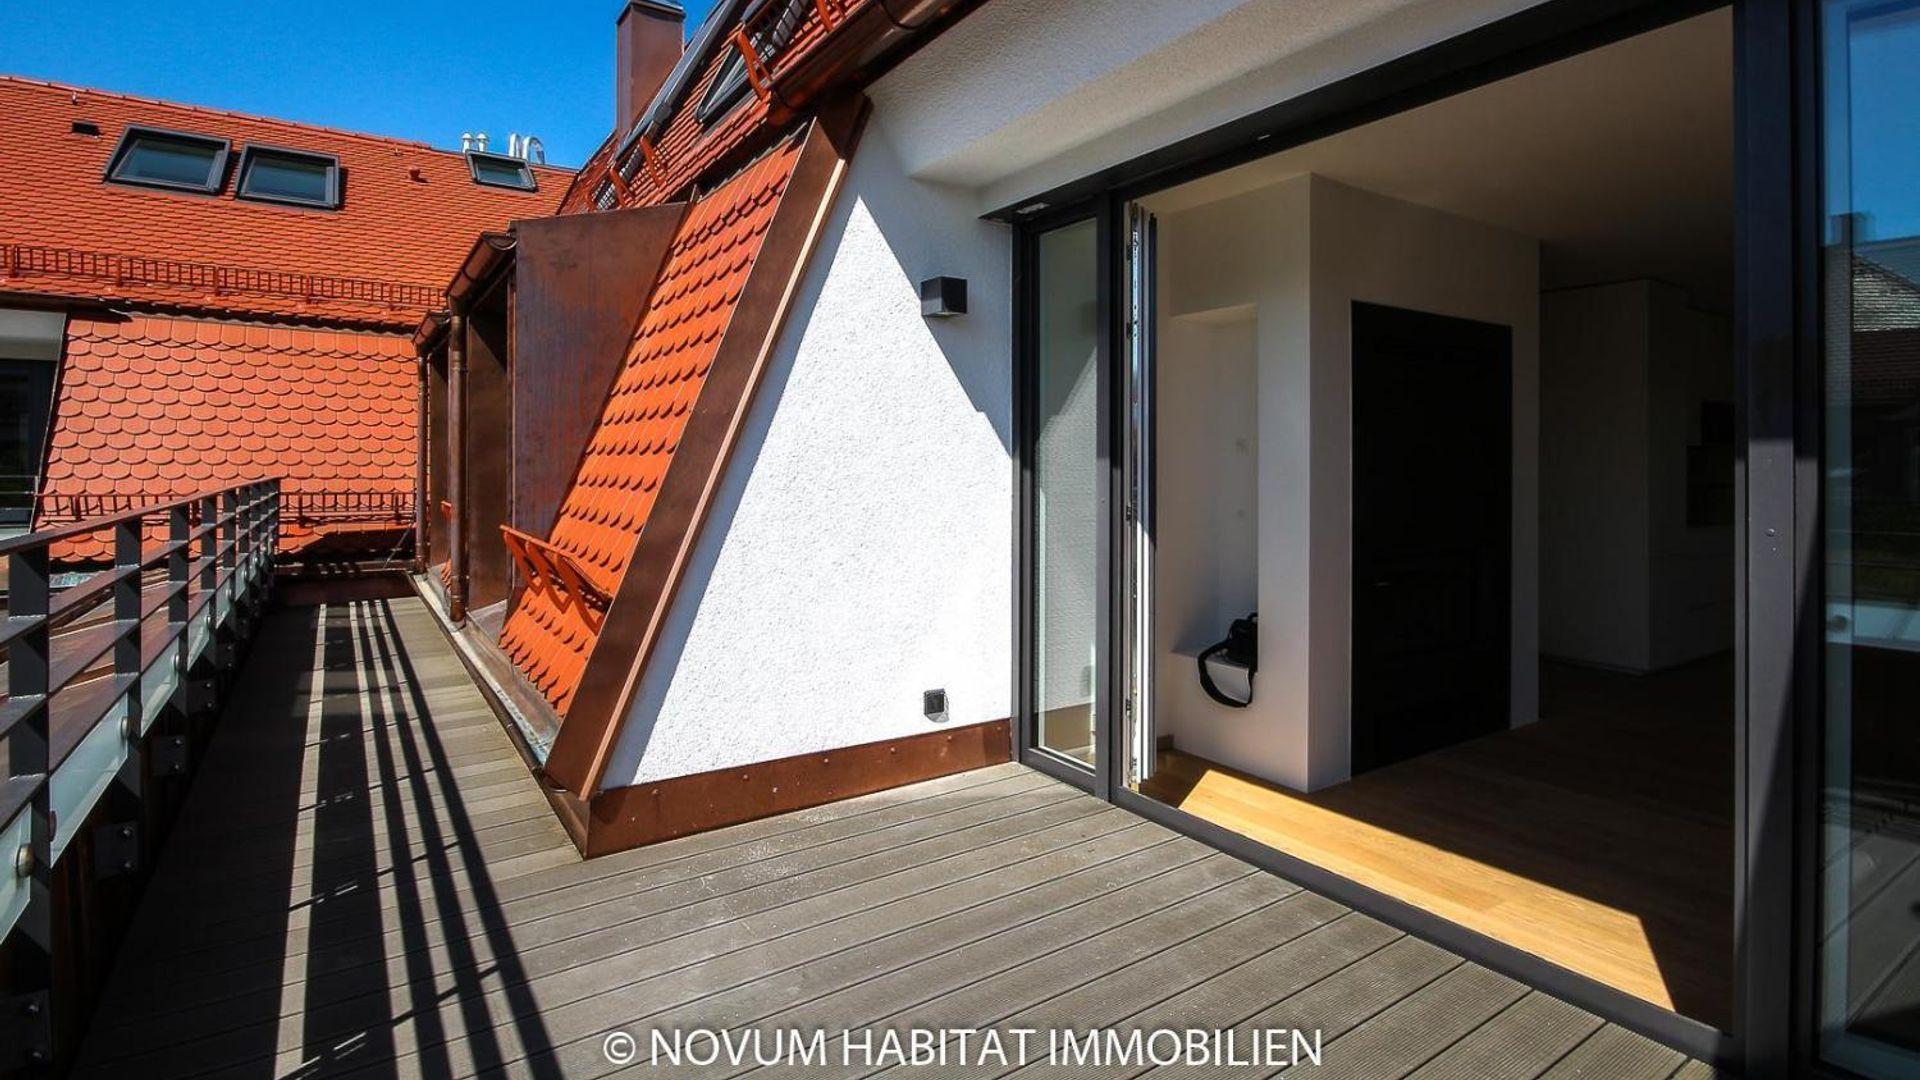 Full Size of Holzküche Auffrischen Holzkche Landhausstil Streichen Welche Farbe Neu Massivholzküche Vollholzküche Wohnzimmer Holzküche Auffrischen